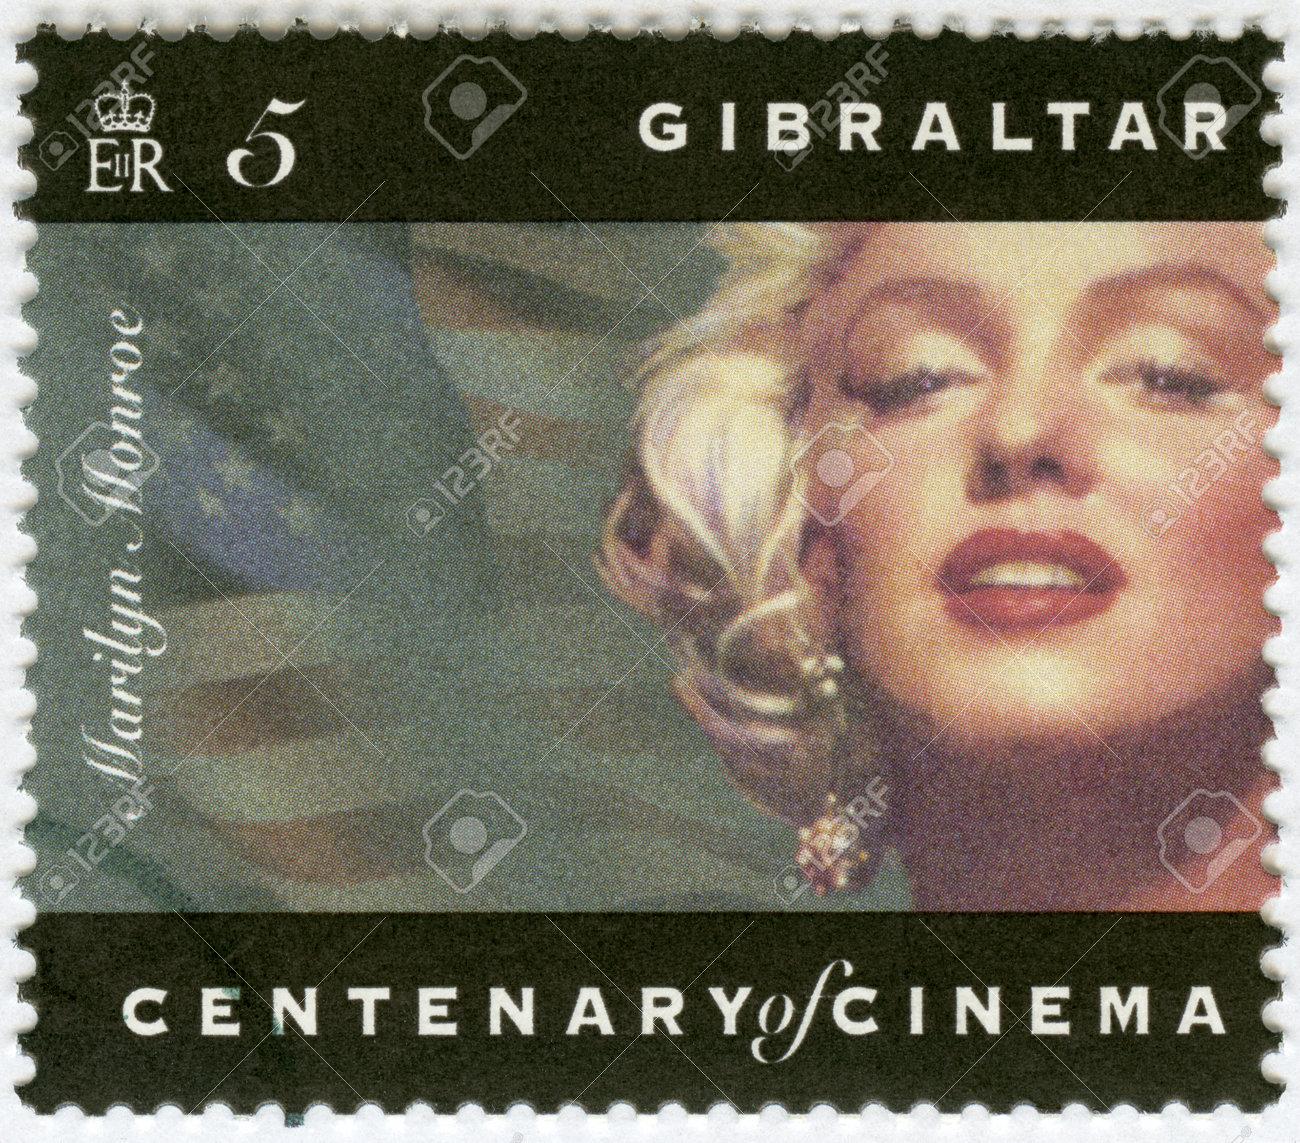 GIBRALTAR - CIRCA 1995: A stamp printed in Gibraltar shows Marilyn Monroe, circa 1995 Stock Photo - 16896667